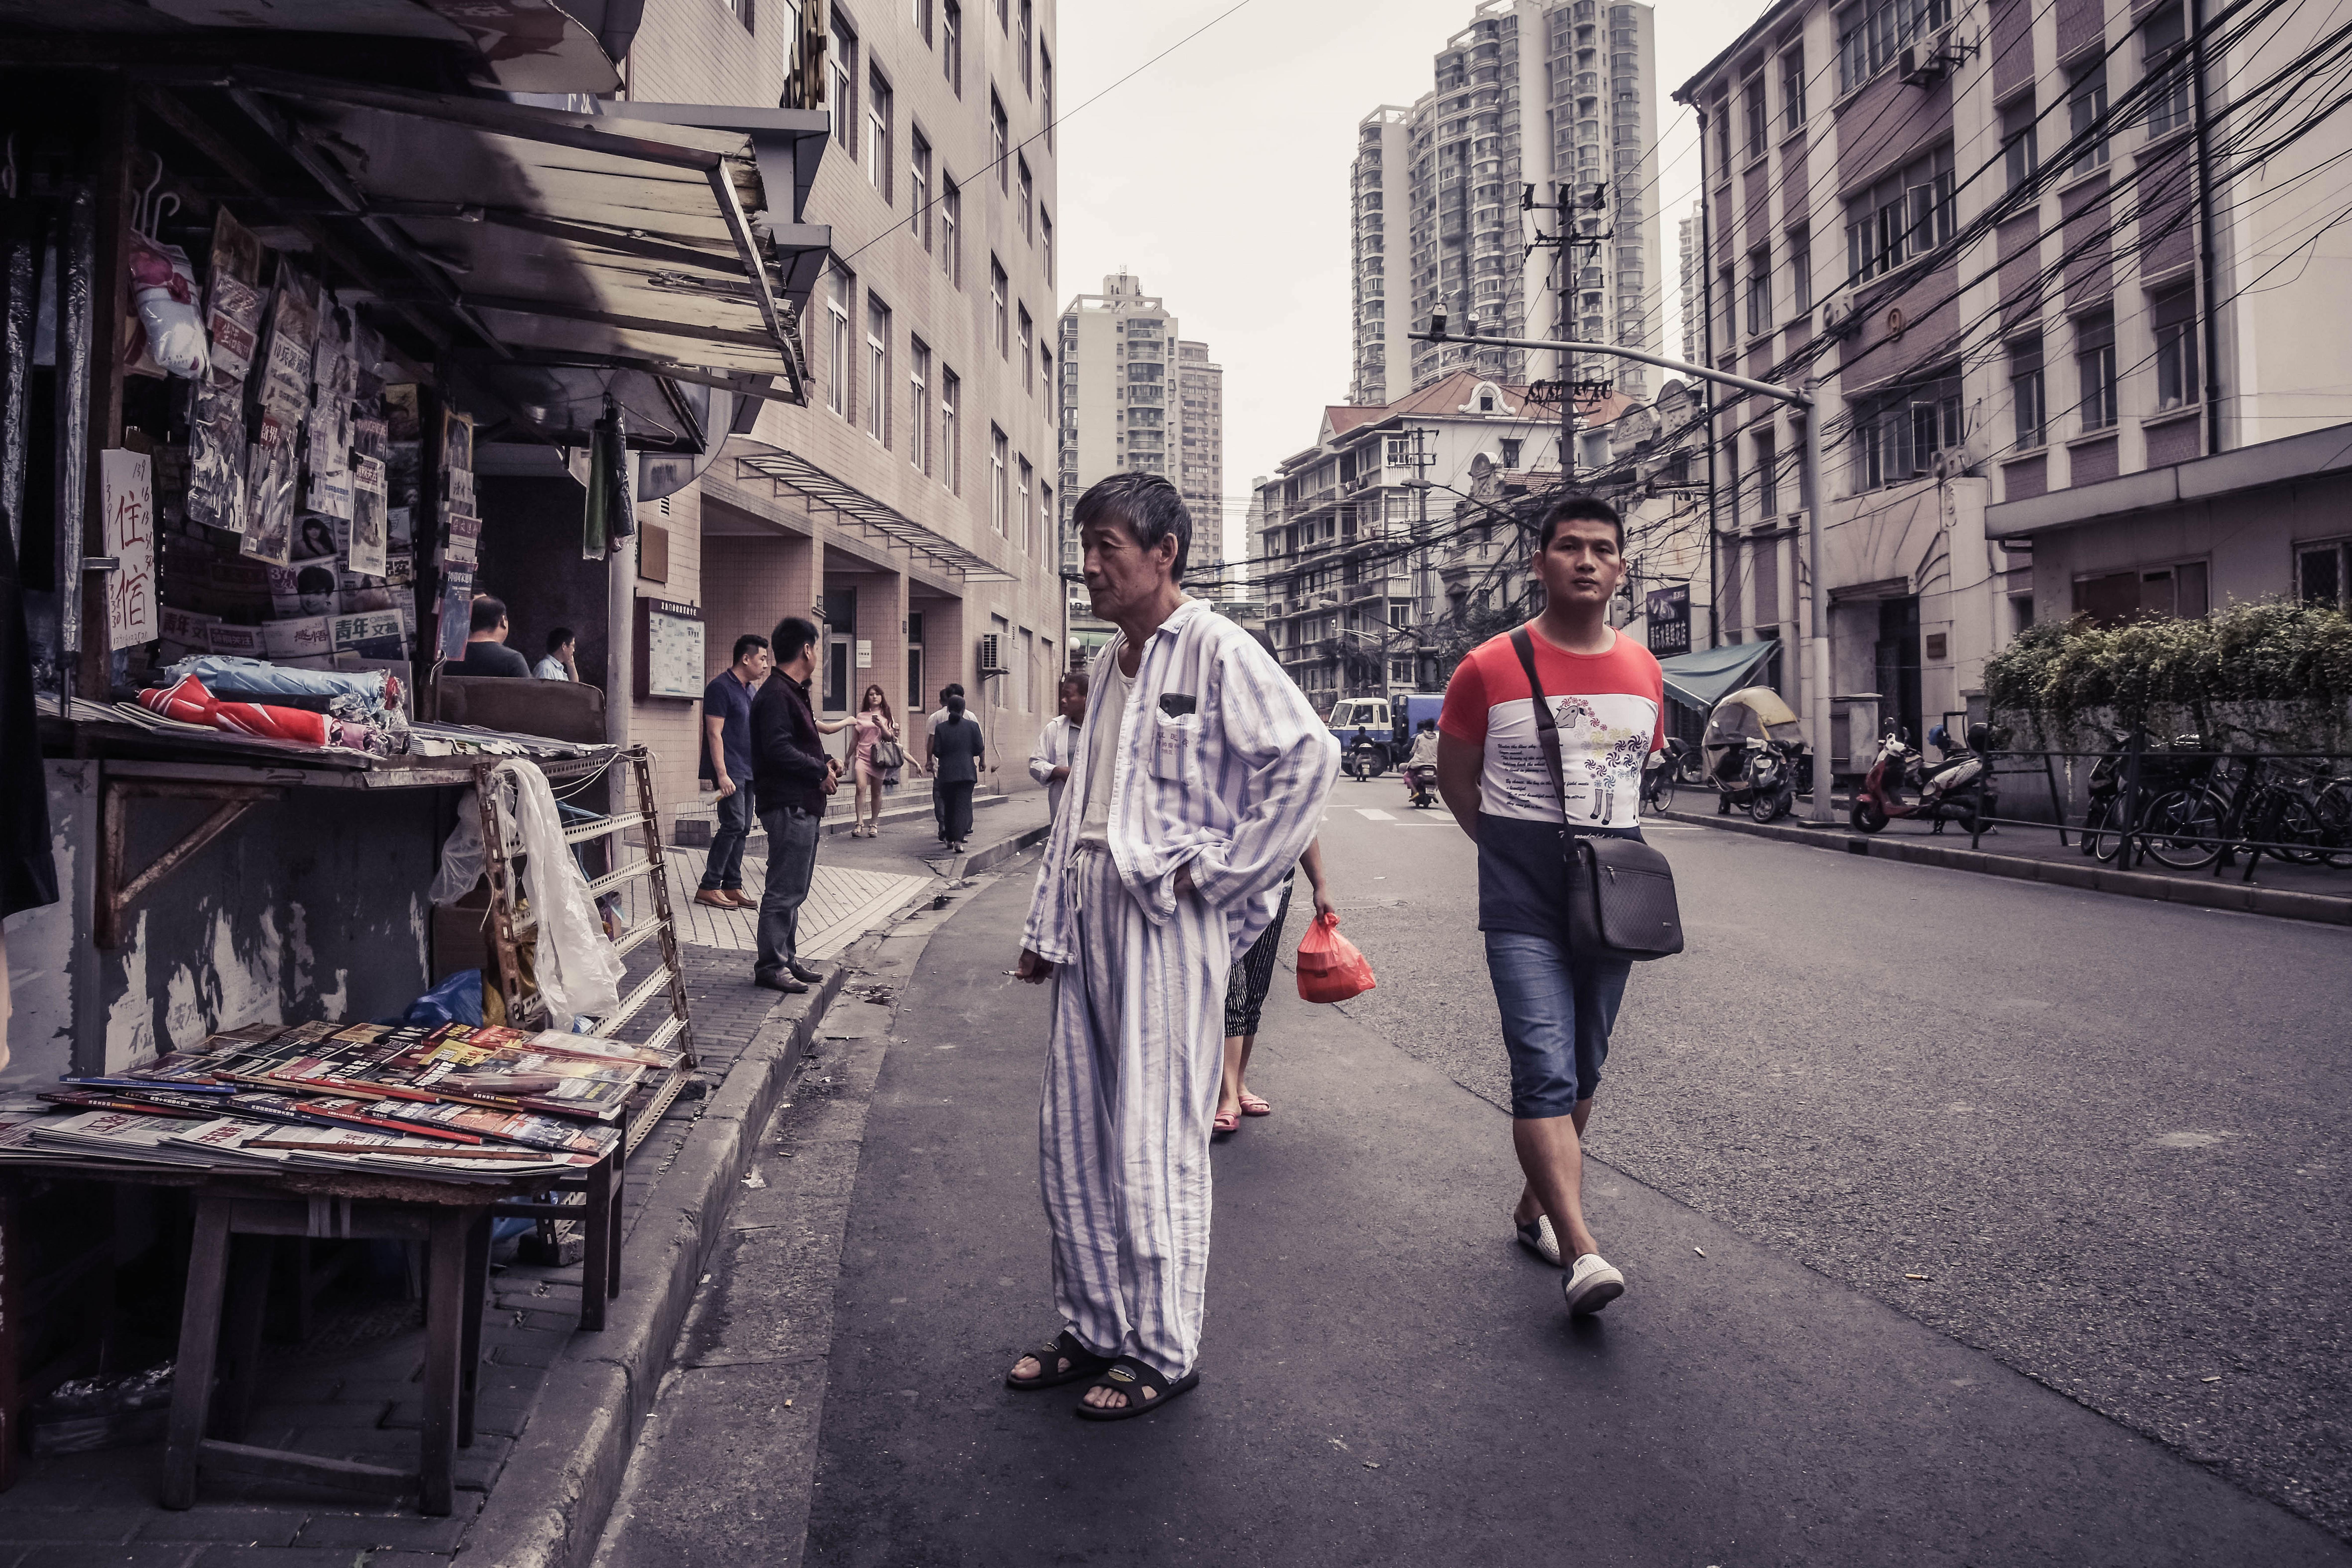 Mann im Pyjama vor Zeitungsstand